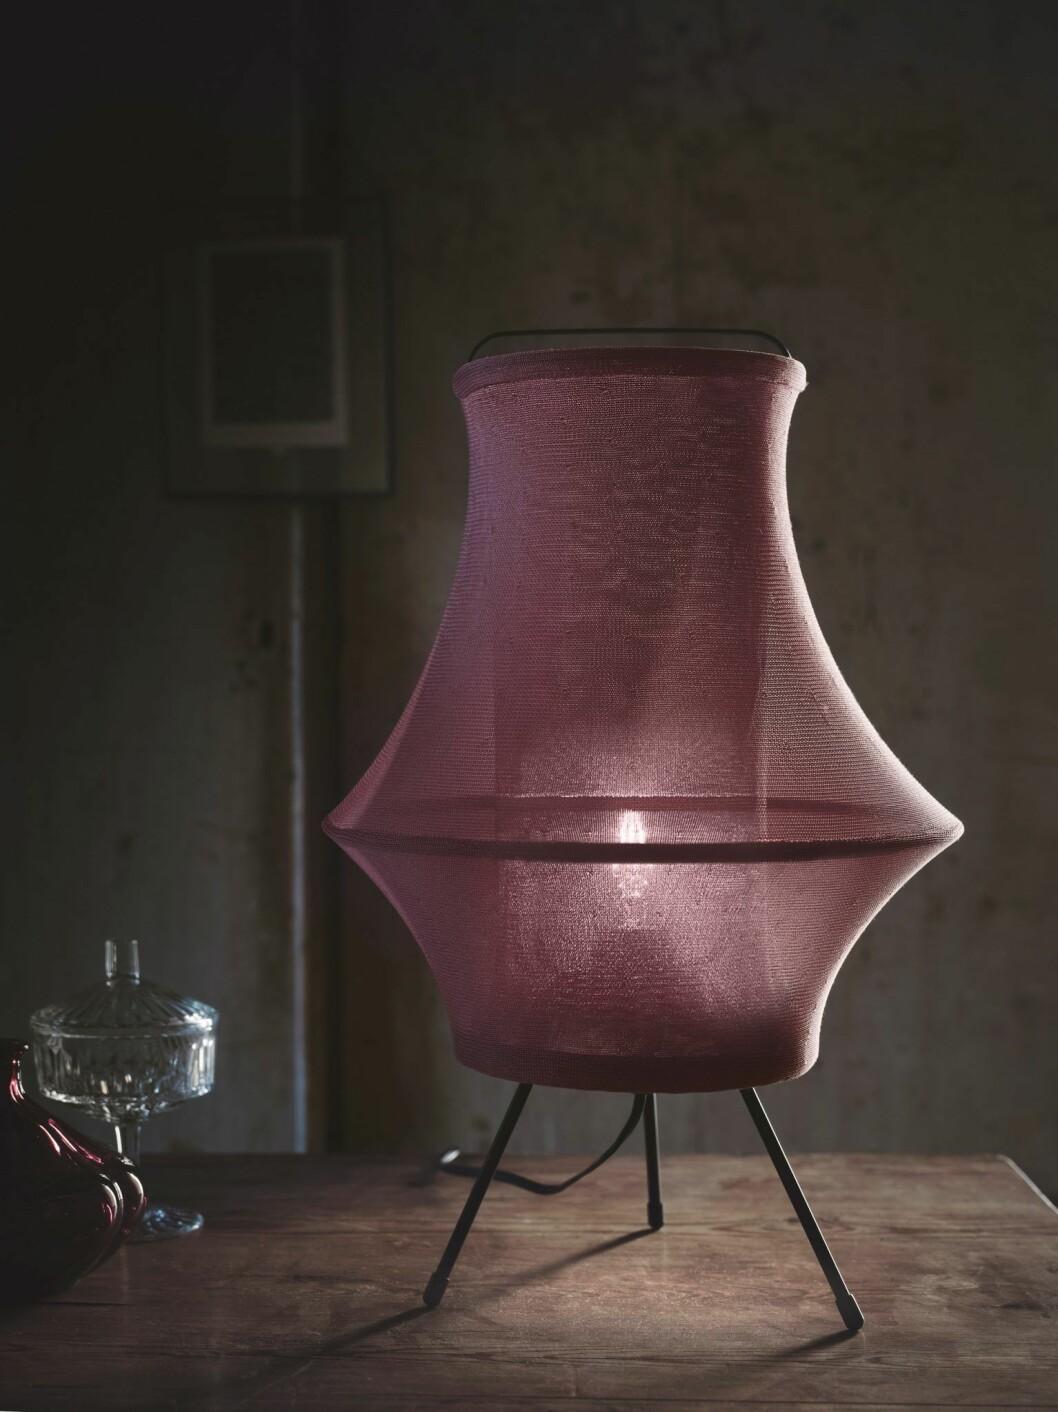 Lila lampa från Ikea hösten 2020